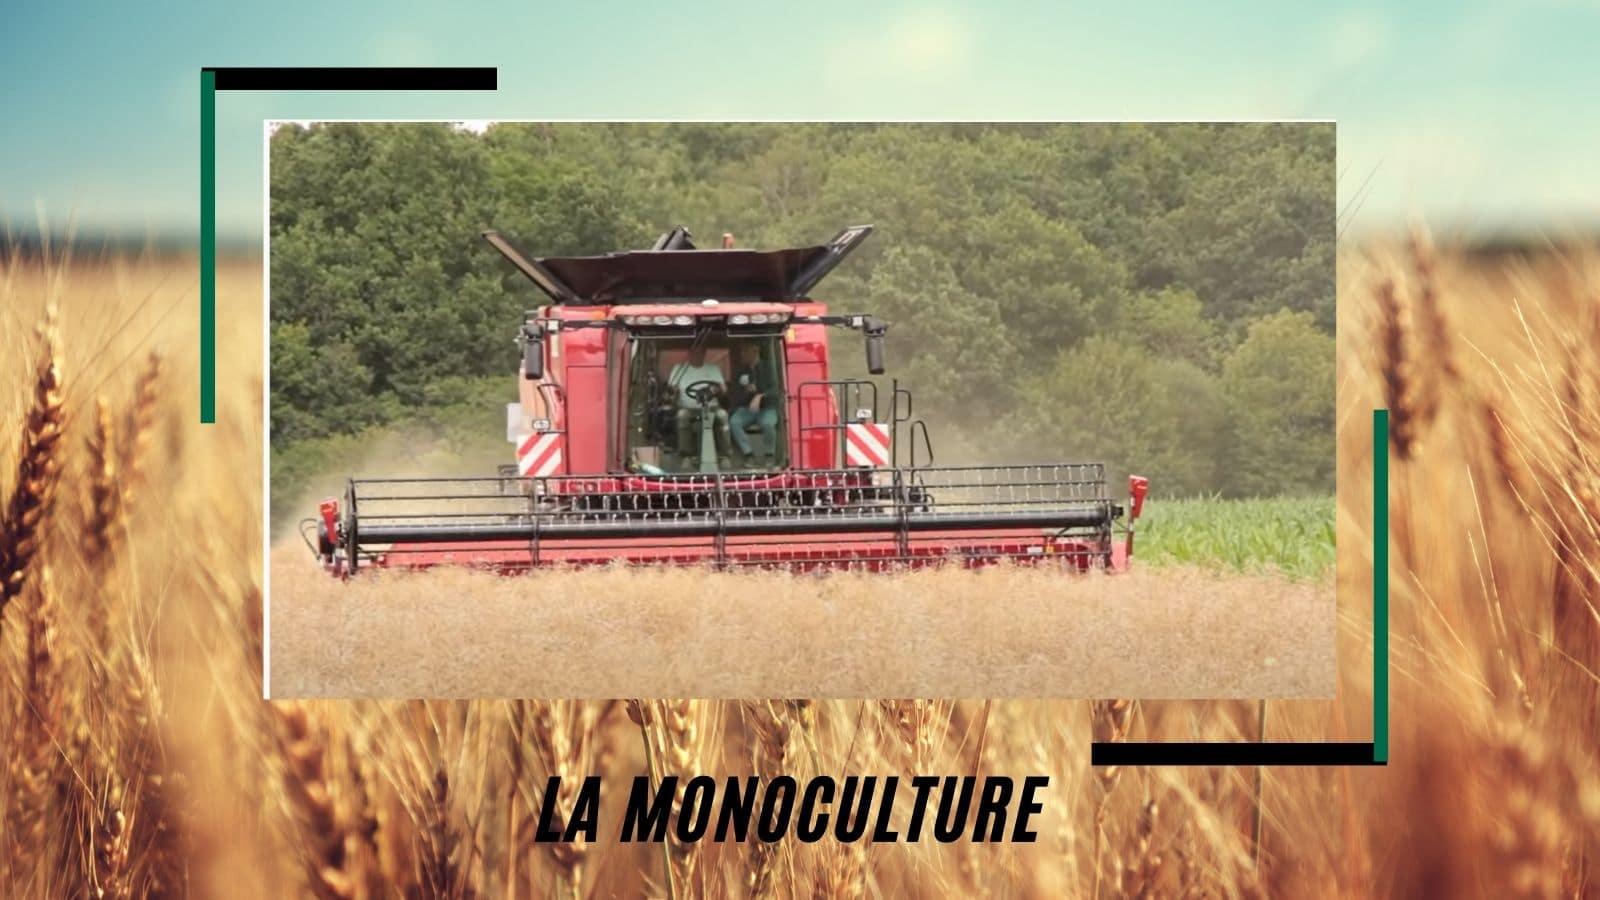 La monoculture